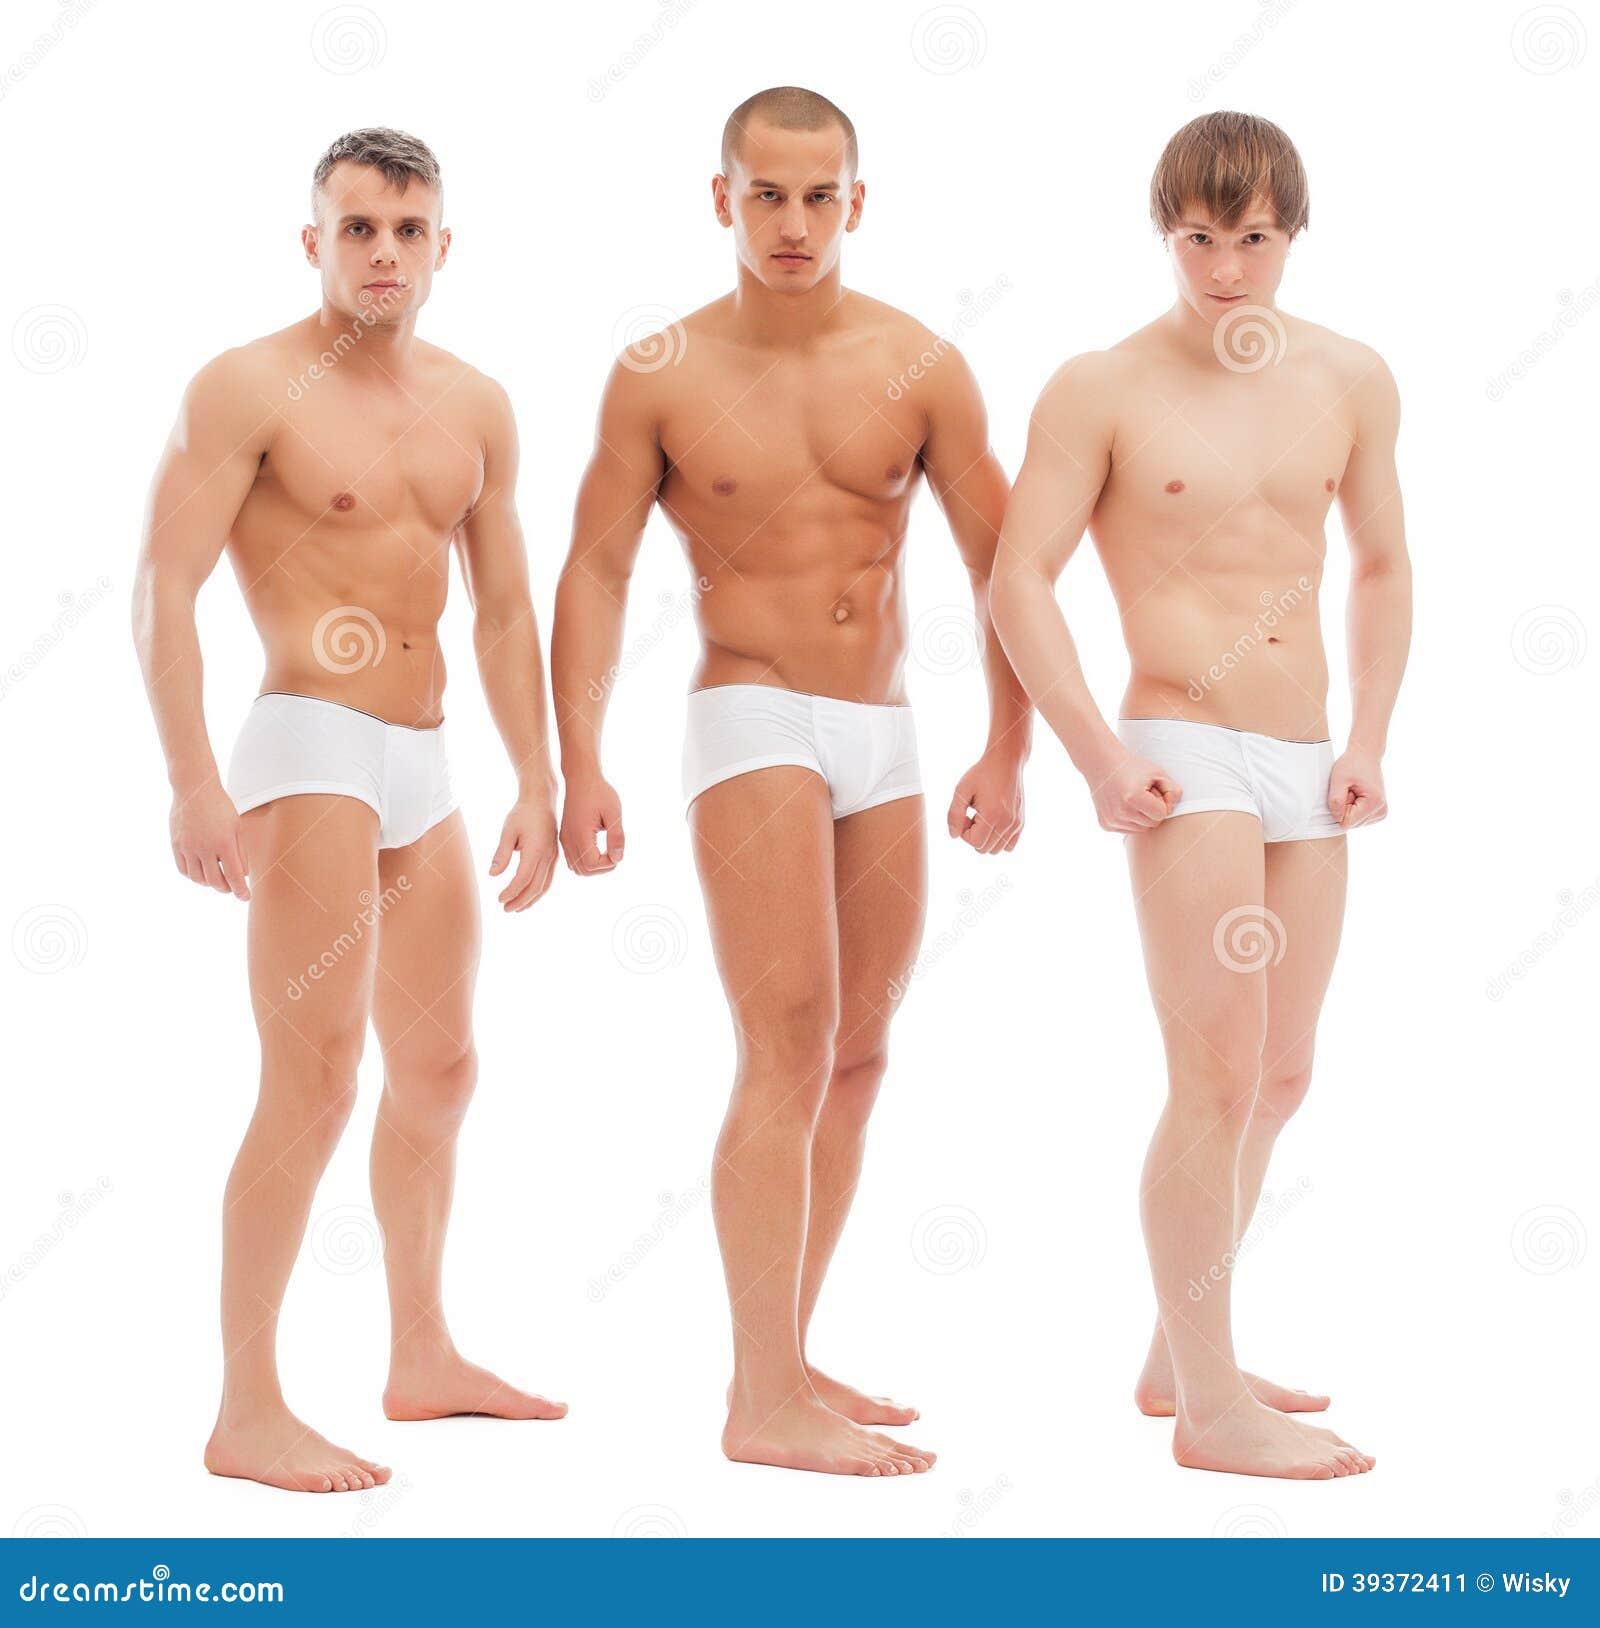 Guys Posing Nude 48